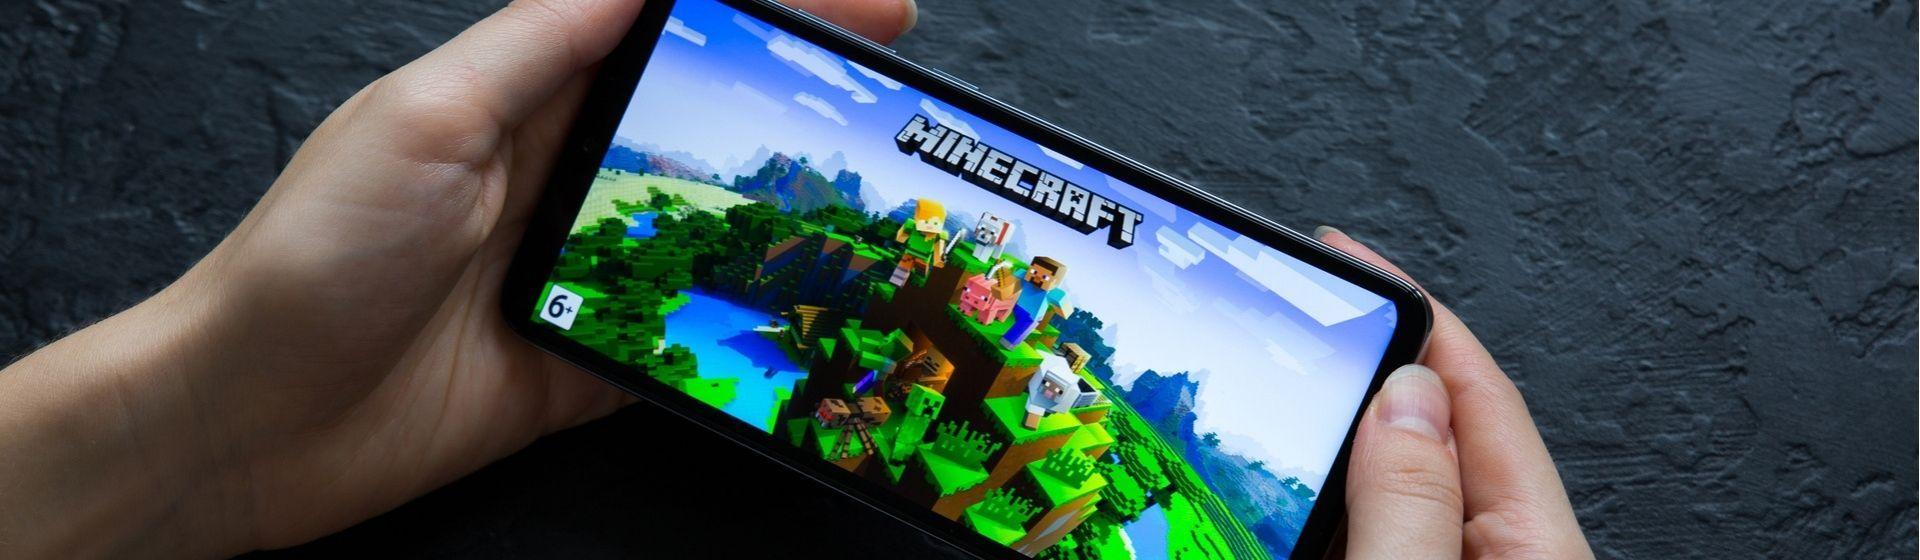 Minecraft Pocket Edition: como baixar e jogar no celular